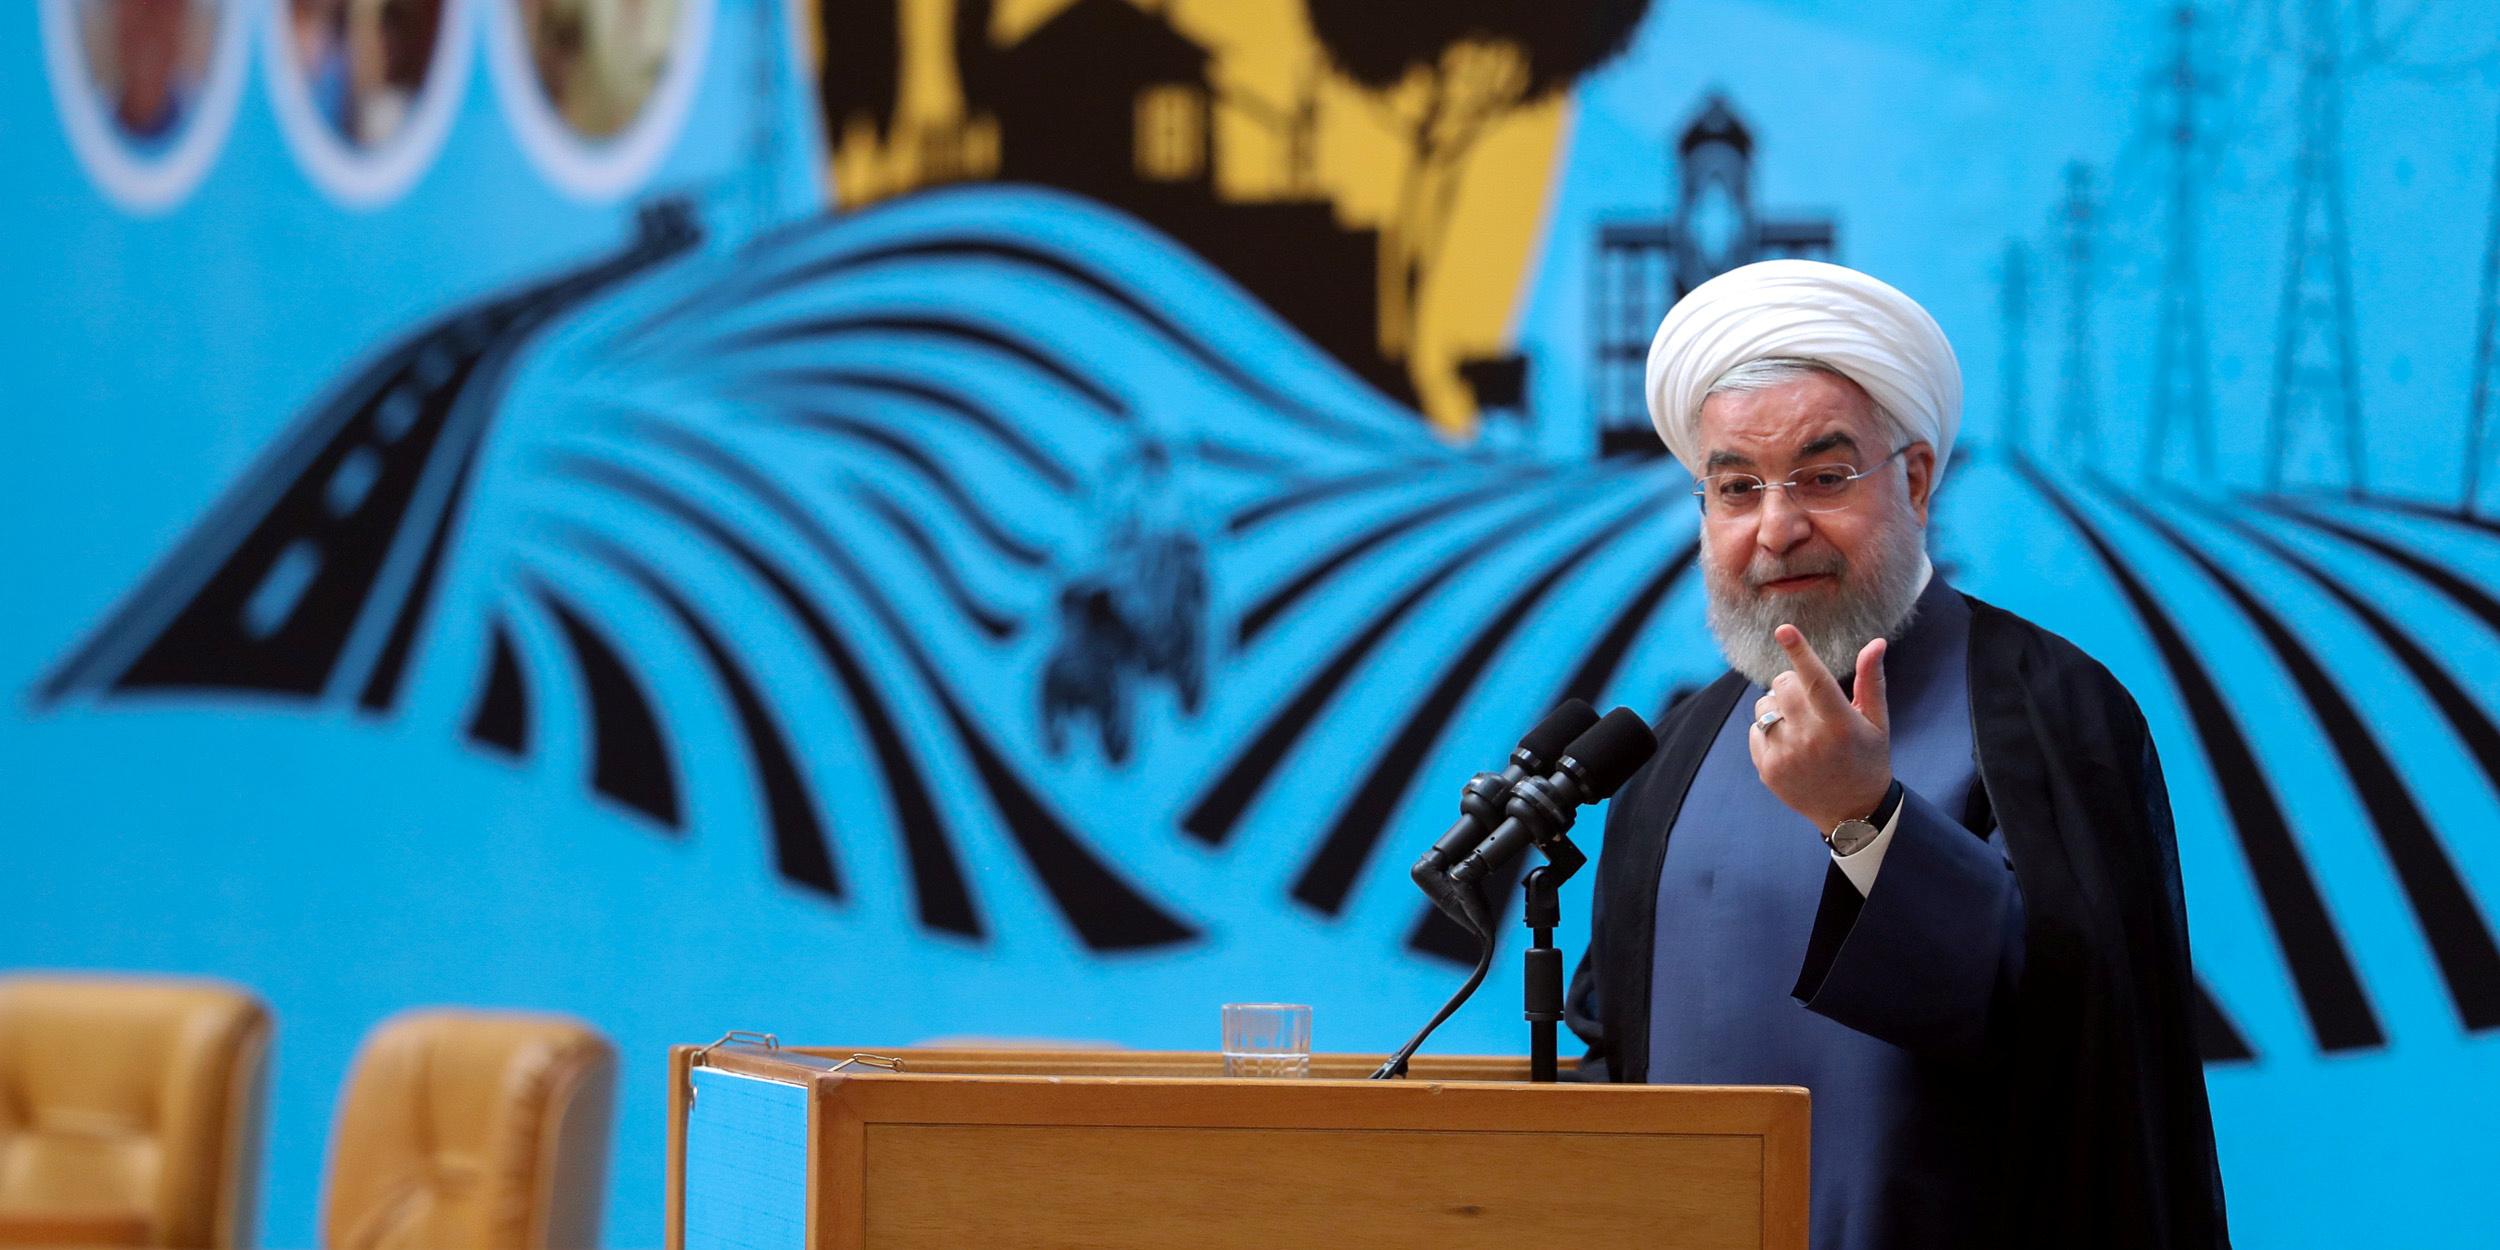 Nucléaire iranien : Rohani encourage Trump à lever les sanctions contre Téhéran